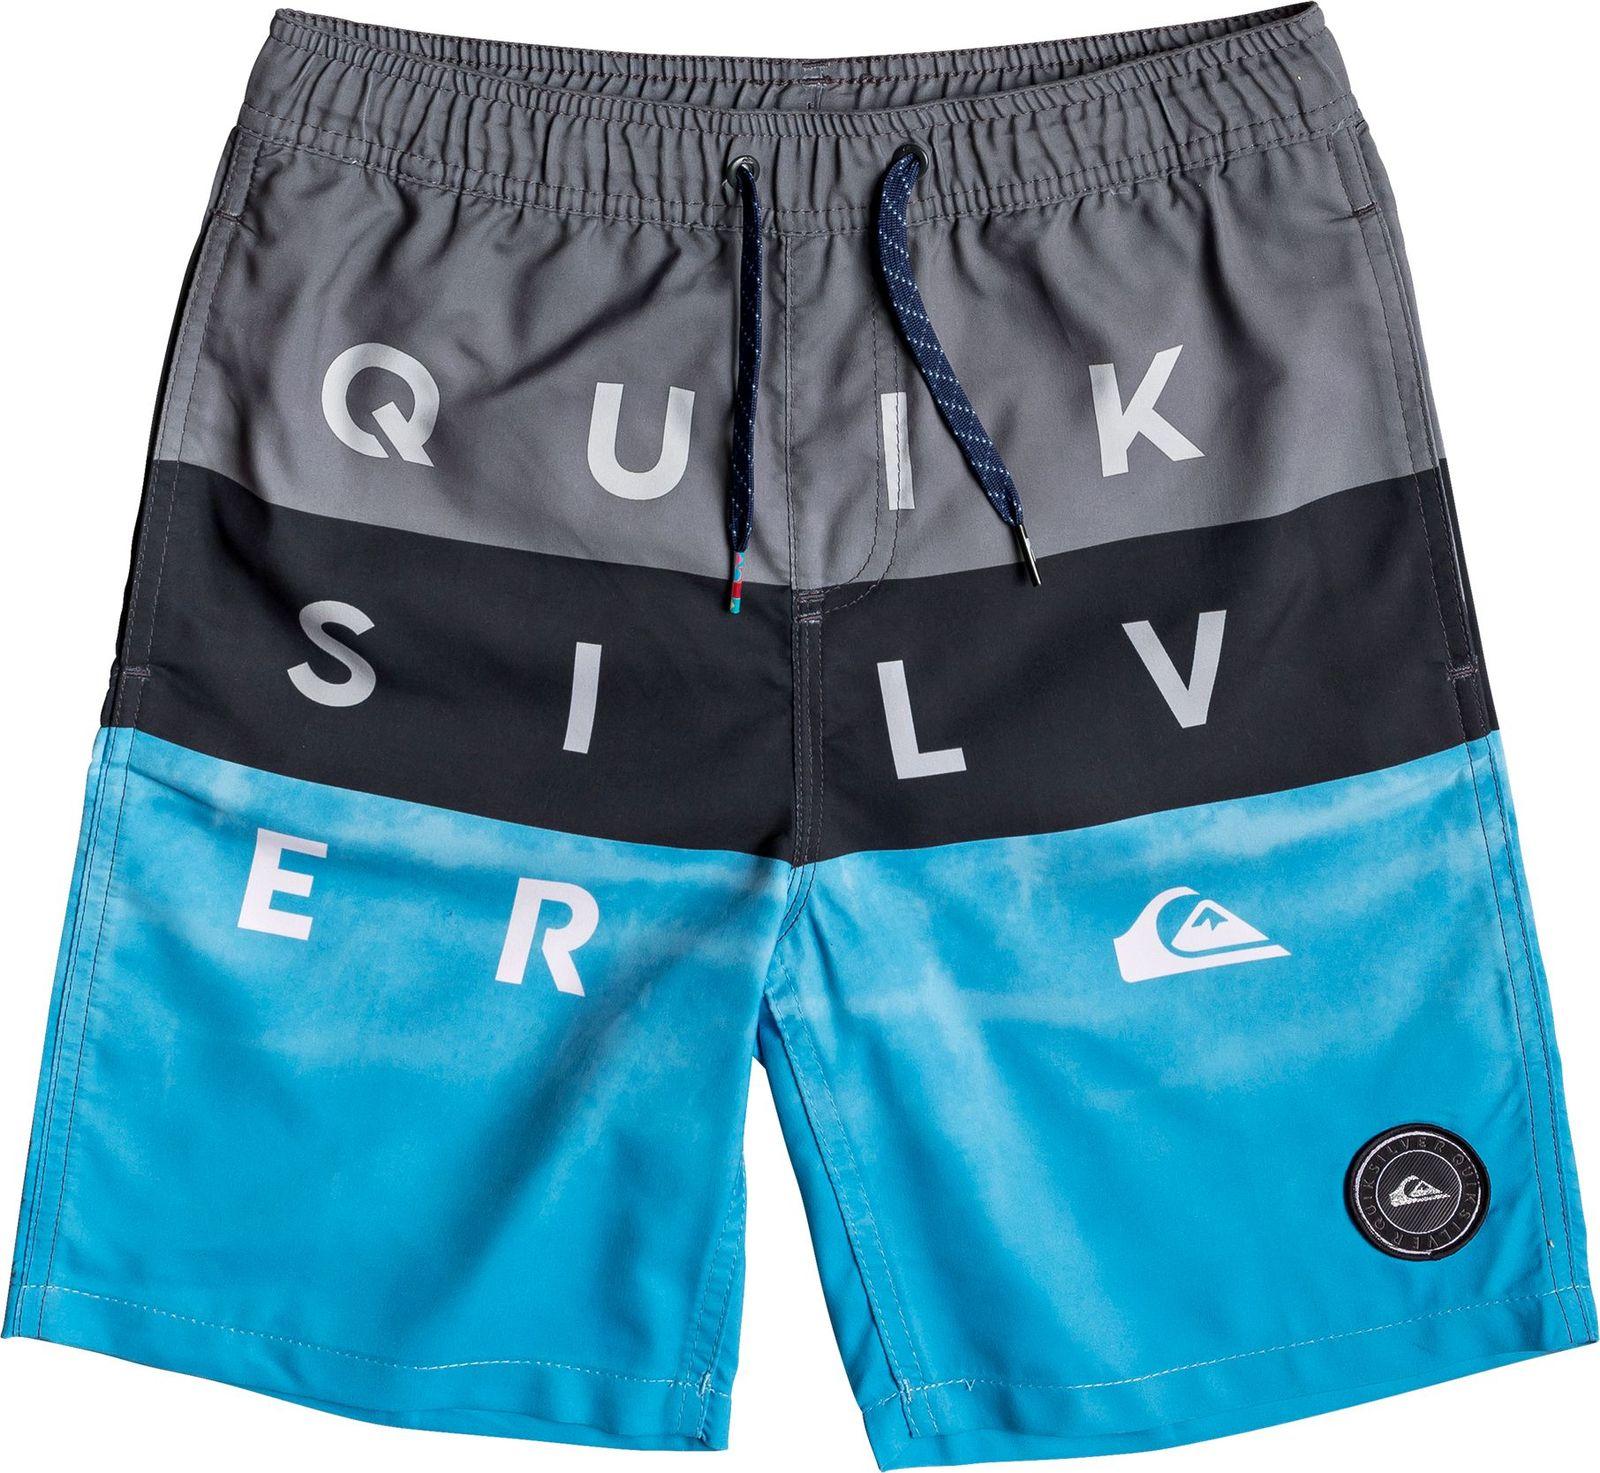 Шорты Quiksilver Wordblkvlyth15 рюкзак мужской quiksilver everydaypostemb m eqybp03501 bng0 королевский синий